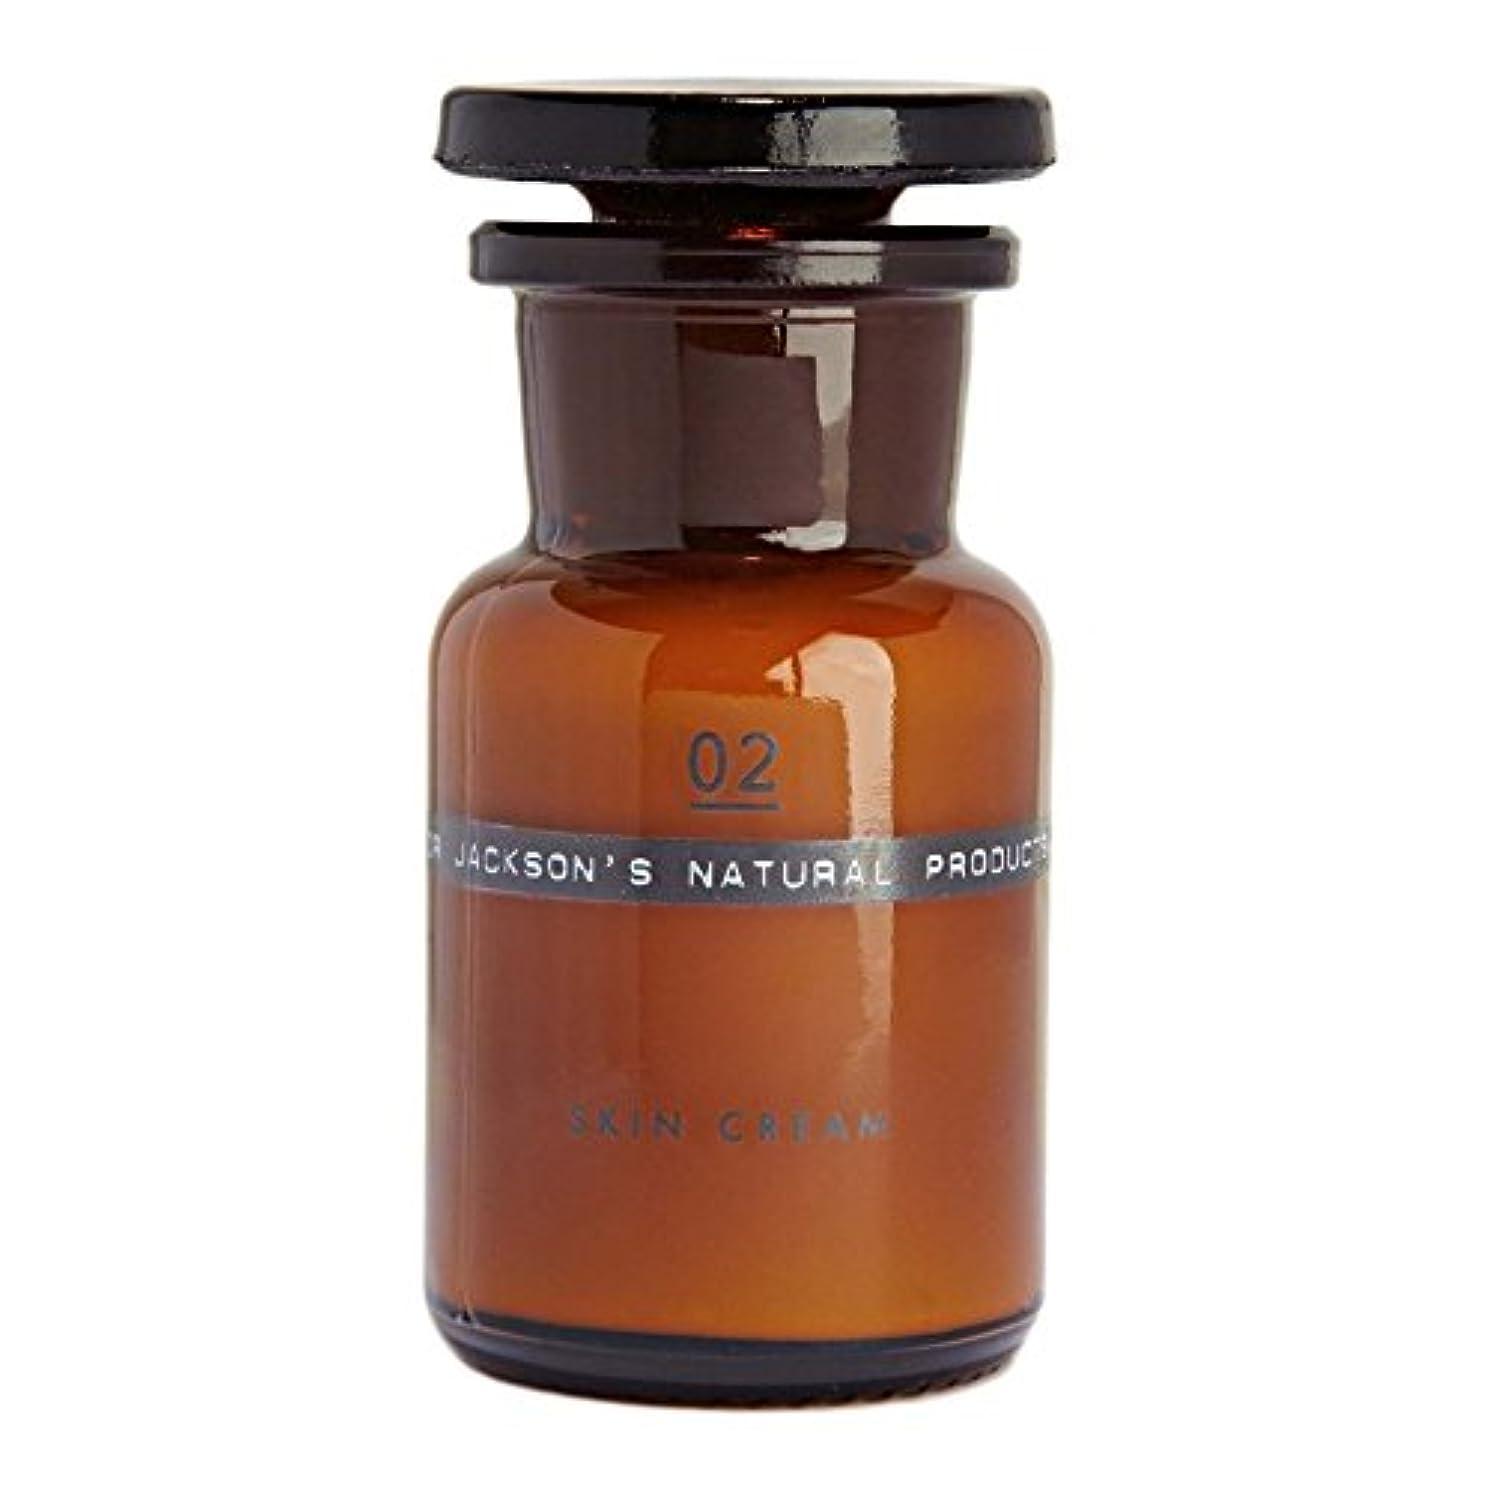 セットする週末抵抗するジャクソンの02スキンクリーム50ミリリットル x2 - Dr Jackson's 02 Skin Cream 50ml (Pack of 2) [並行輸入品]